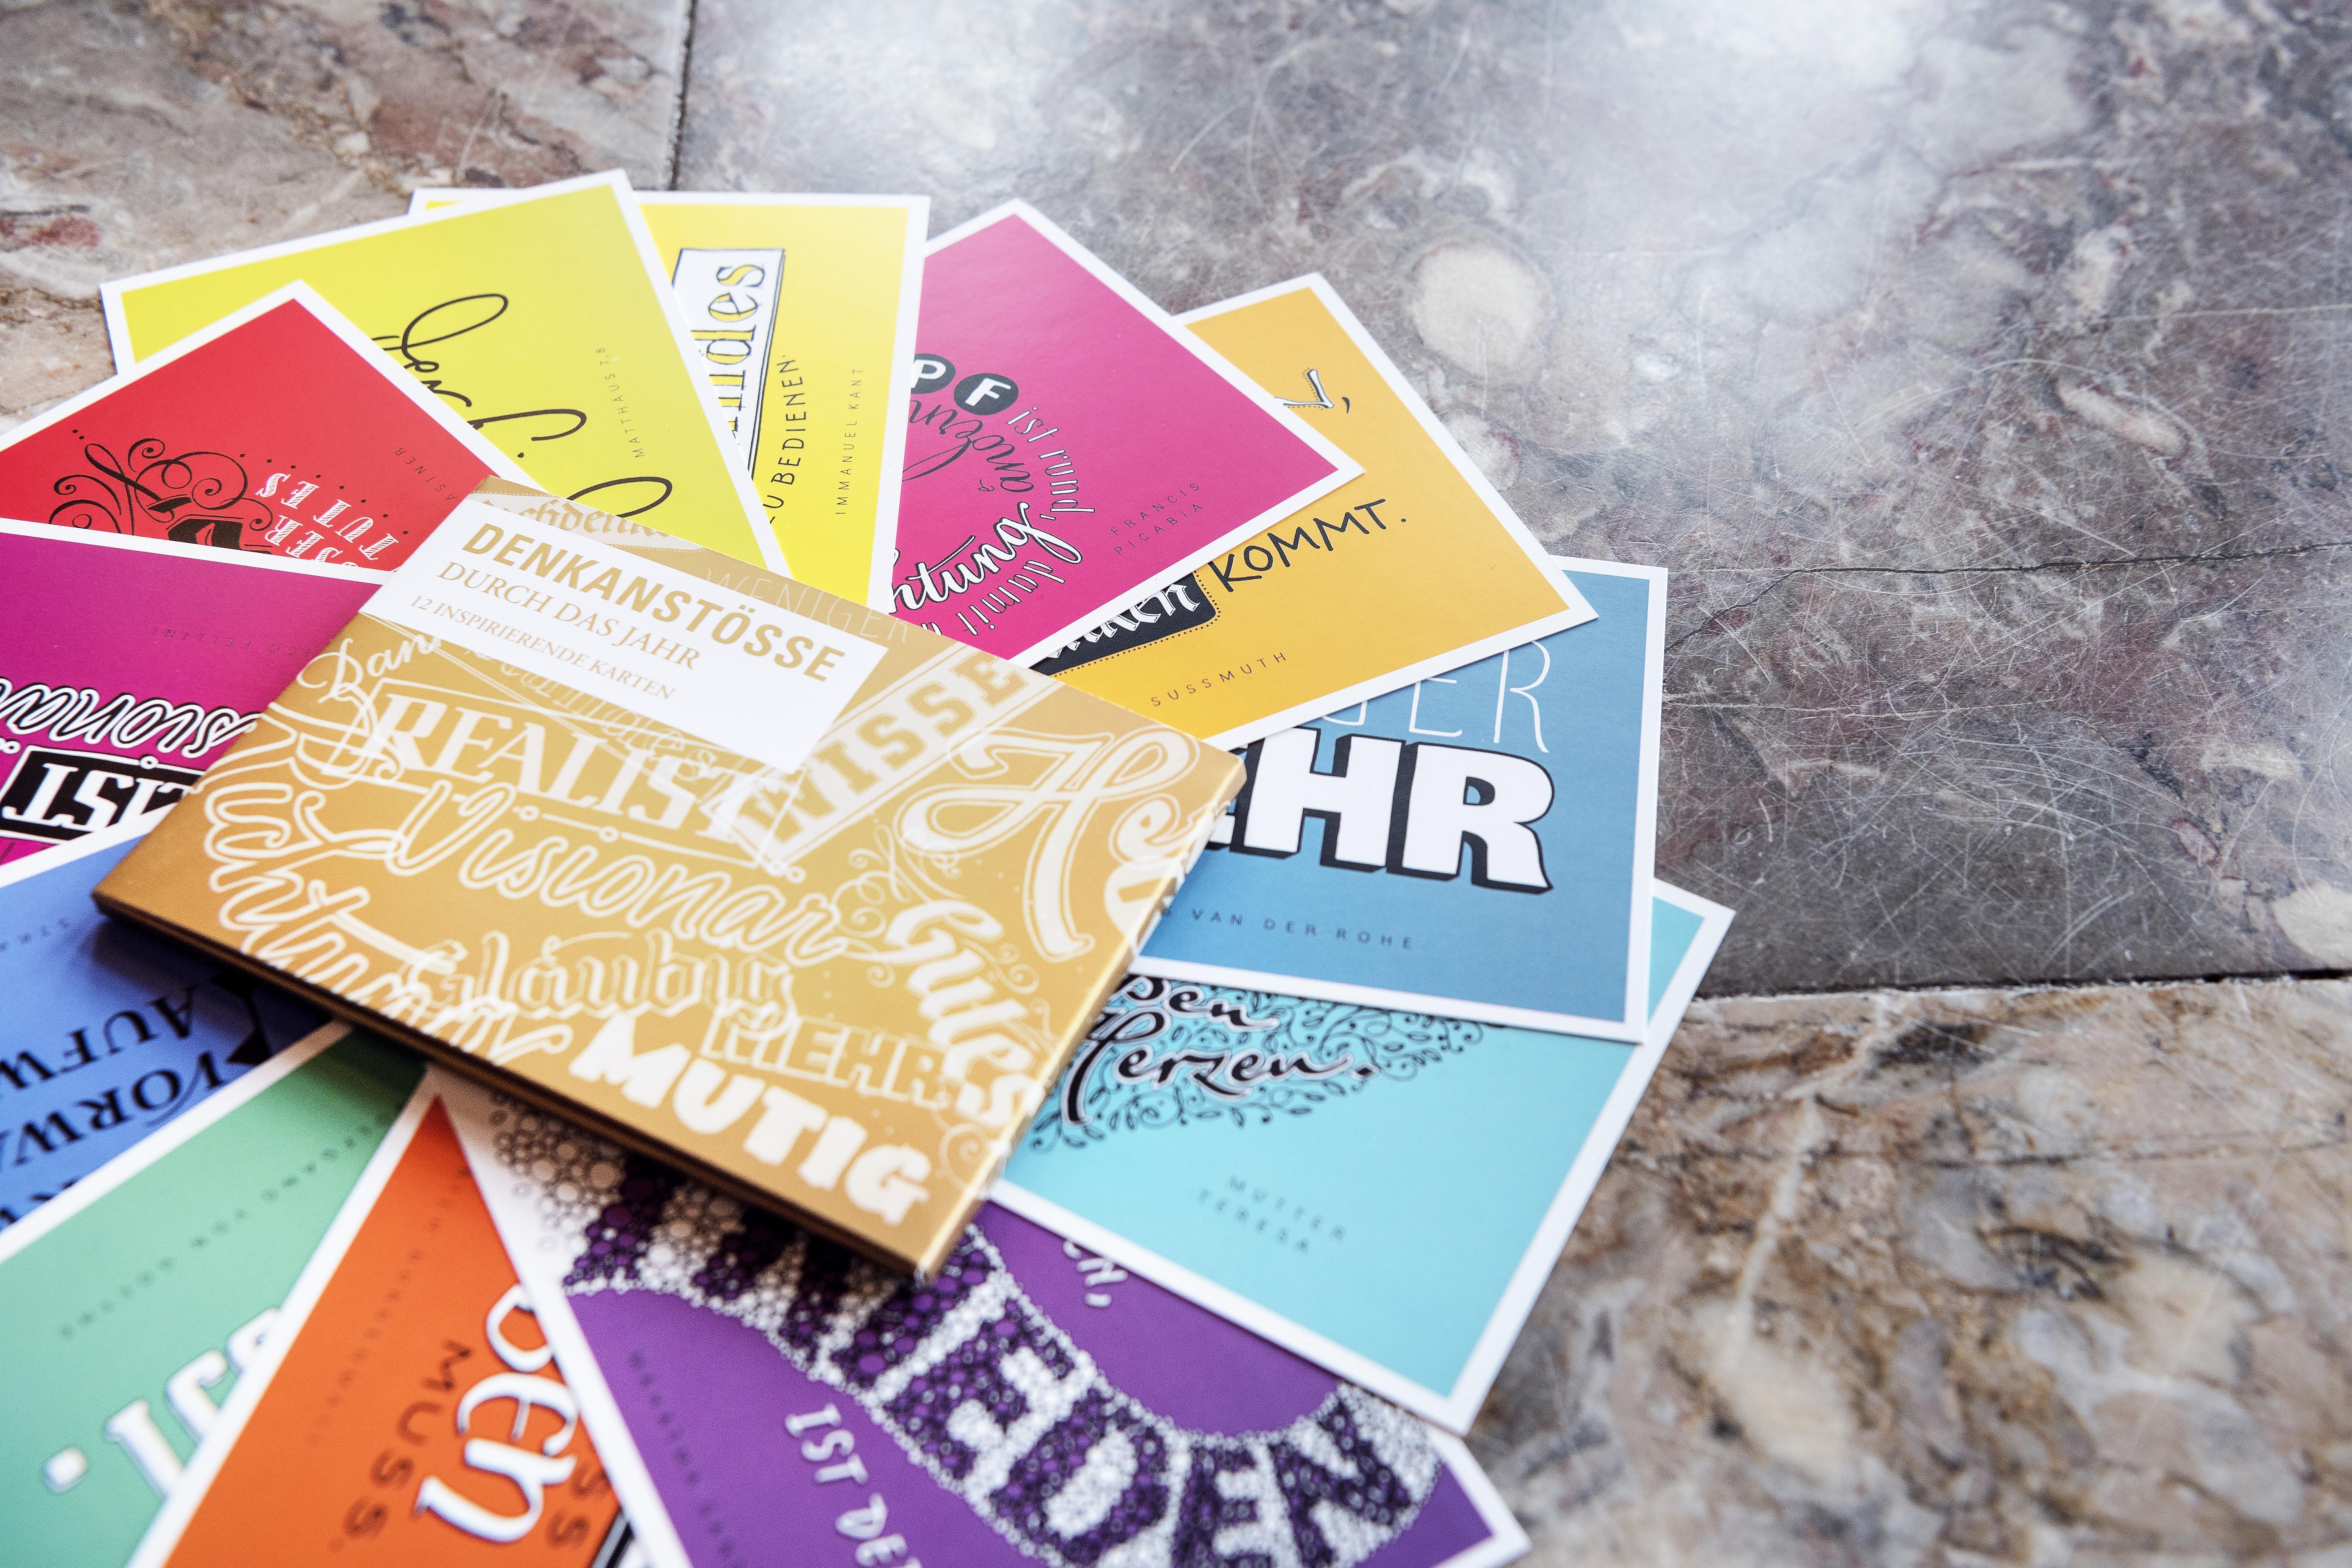 Denkanstöße, Postkarten